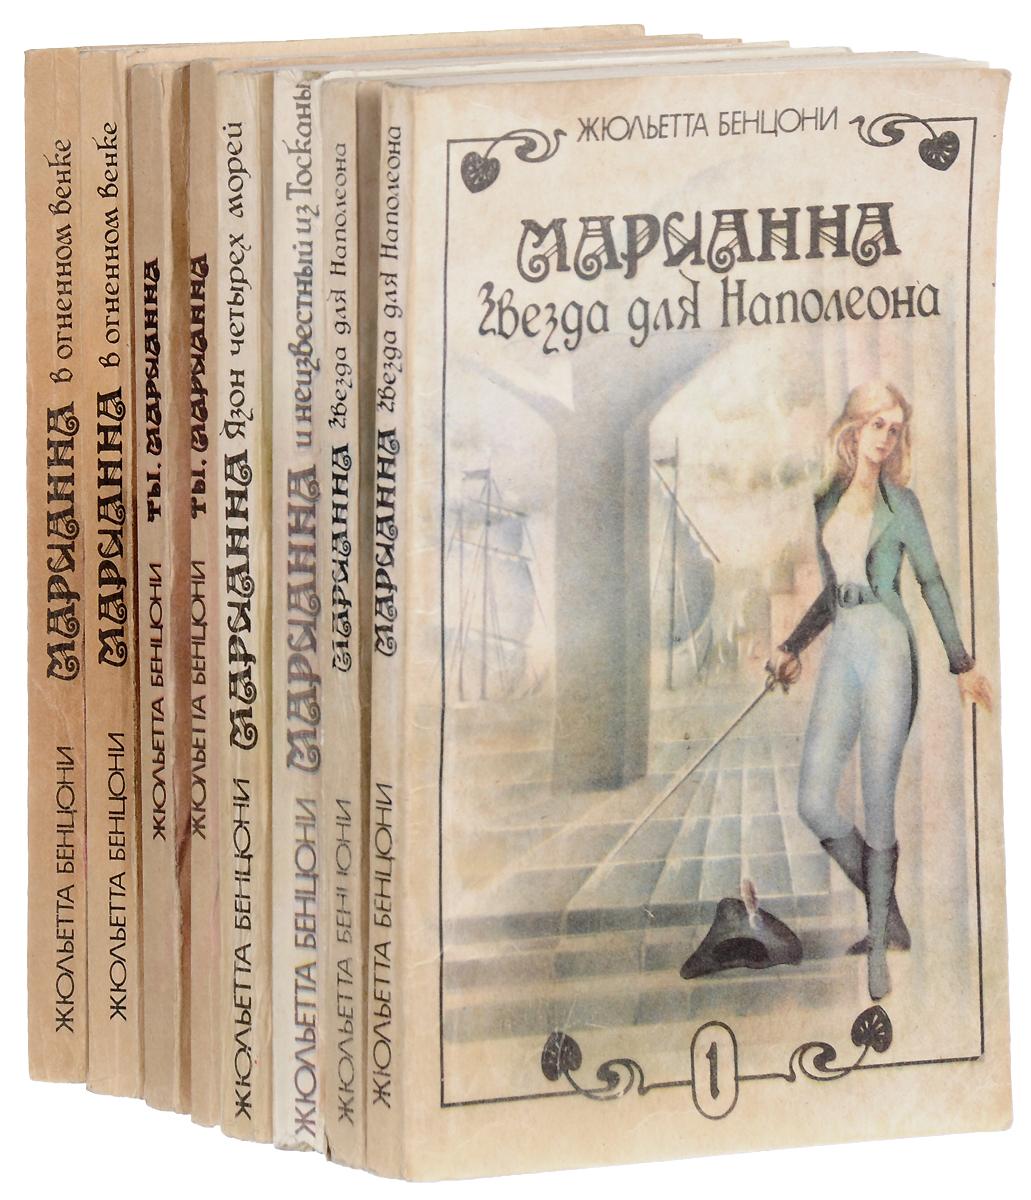 Жюльетта Бенцони Марианна. Роман в семи книгах (комплект из 8 книг) авиабилеты онлайн днепропетровск